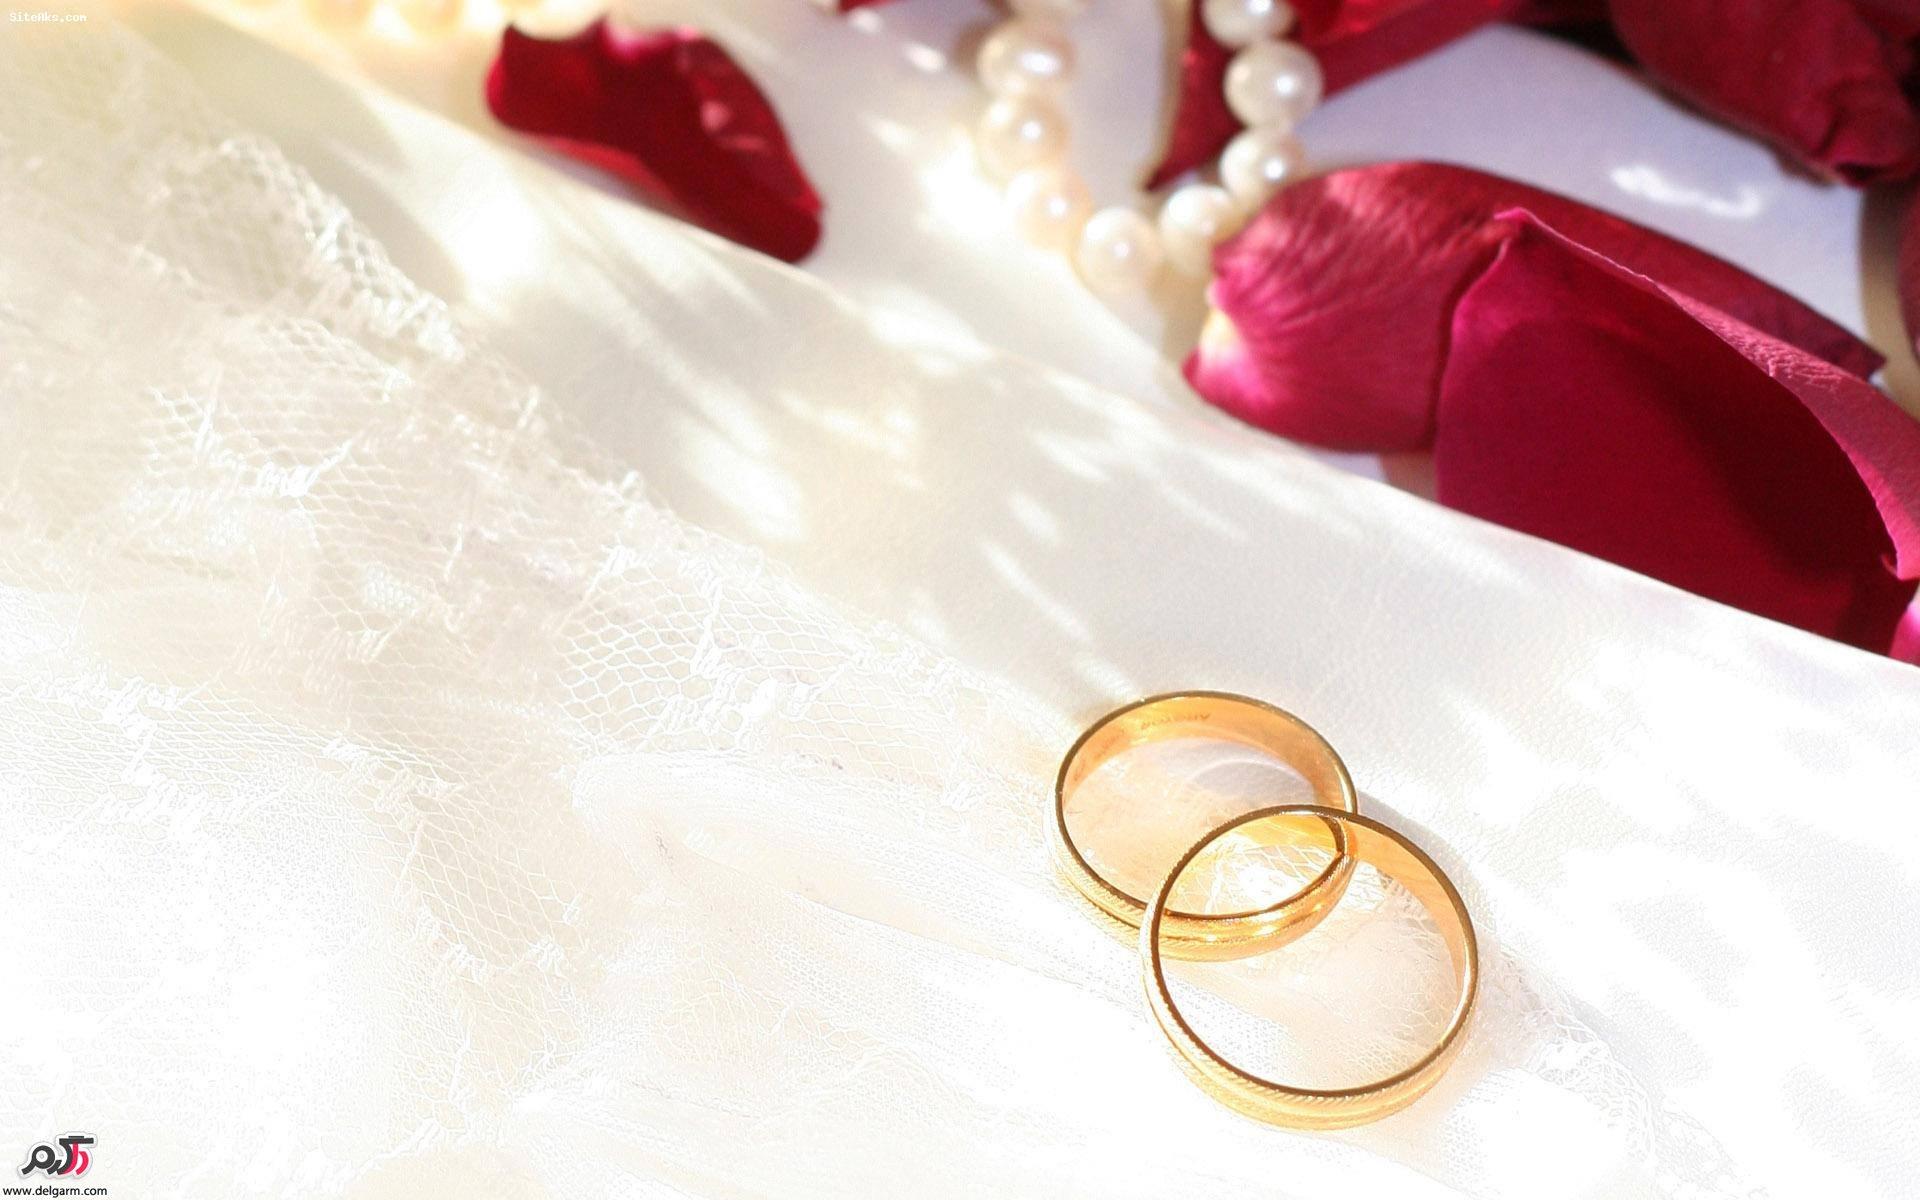 راه های مناسب برای توصیه هایی جهت باز شدن بخت دختران برای ازدواج